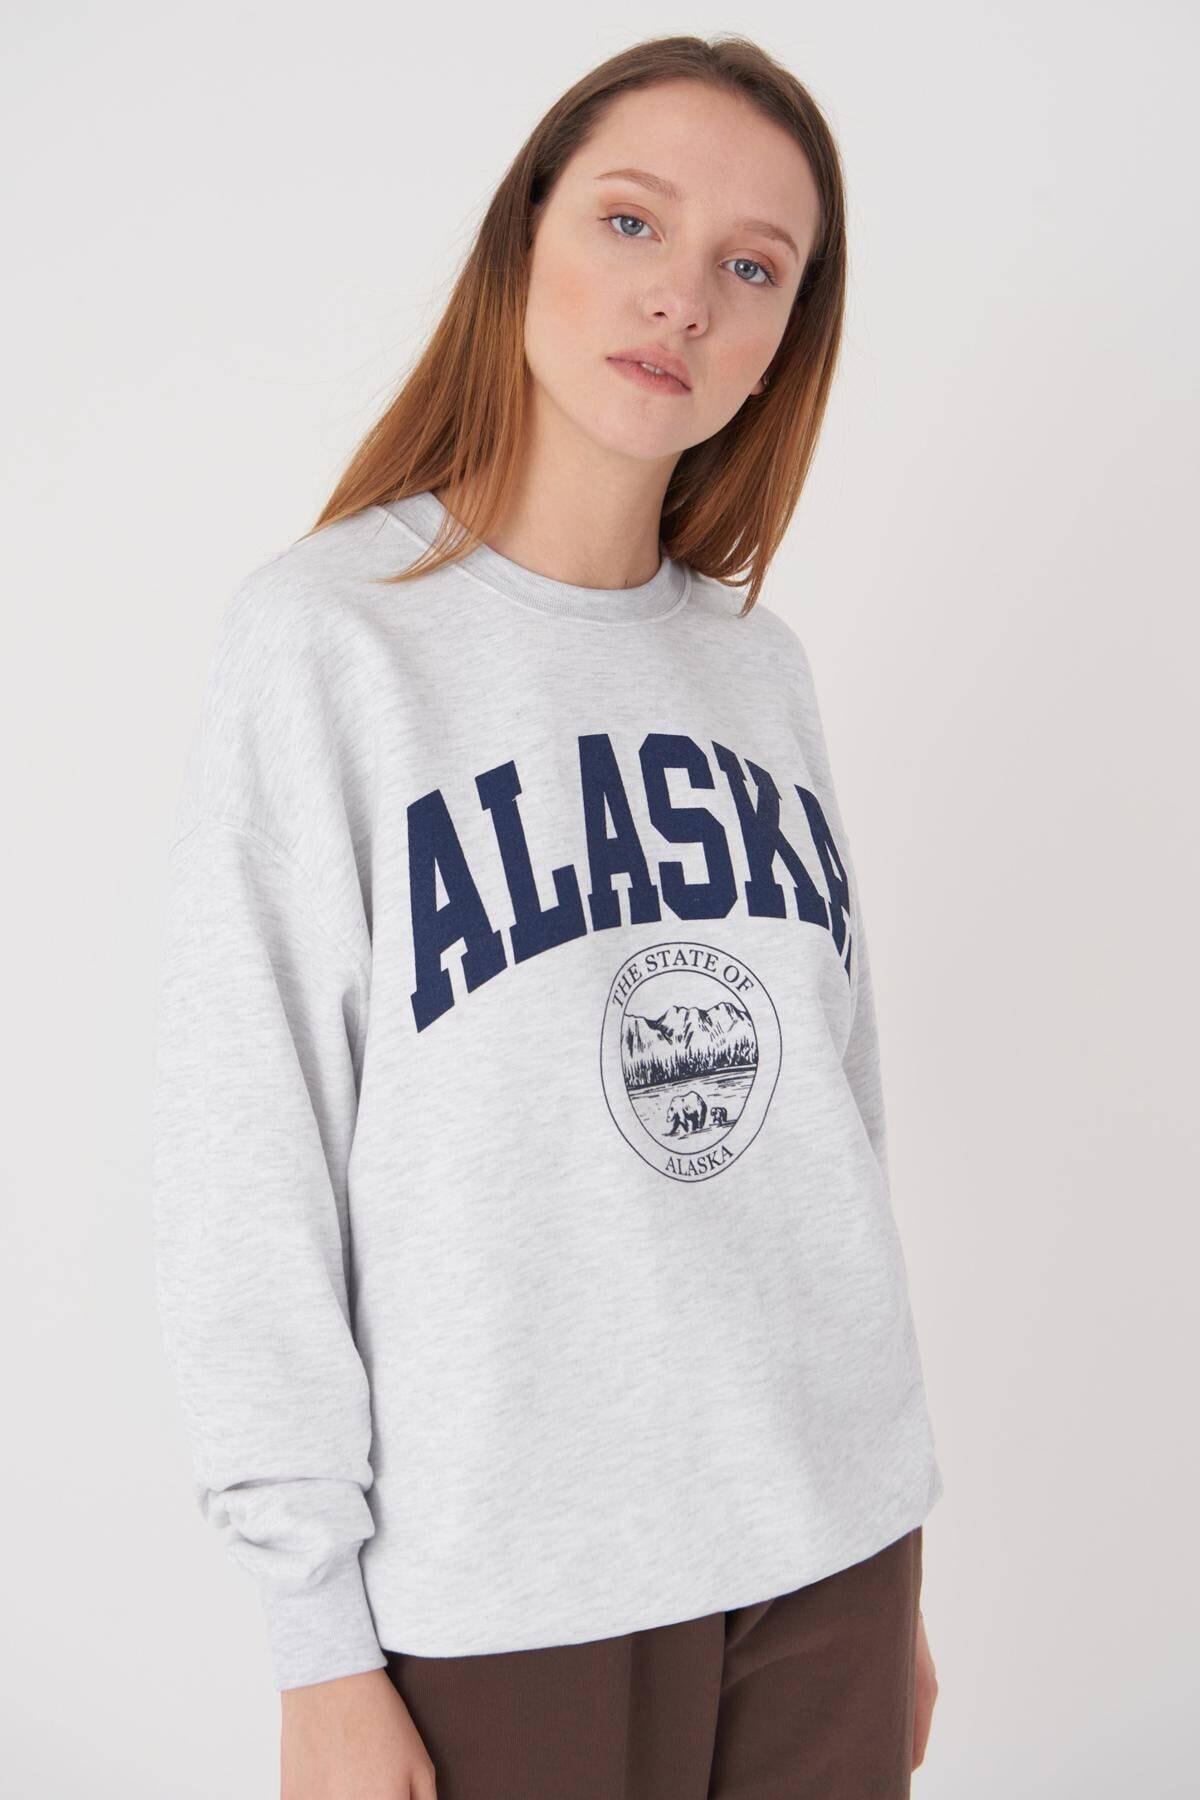 Addax Kadın Kar Melanj Baskılı Sweatshirt S9516 - W4 Adx-0000023575 4